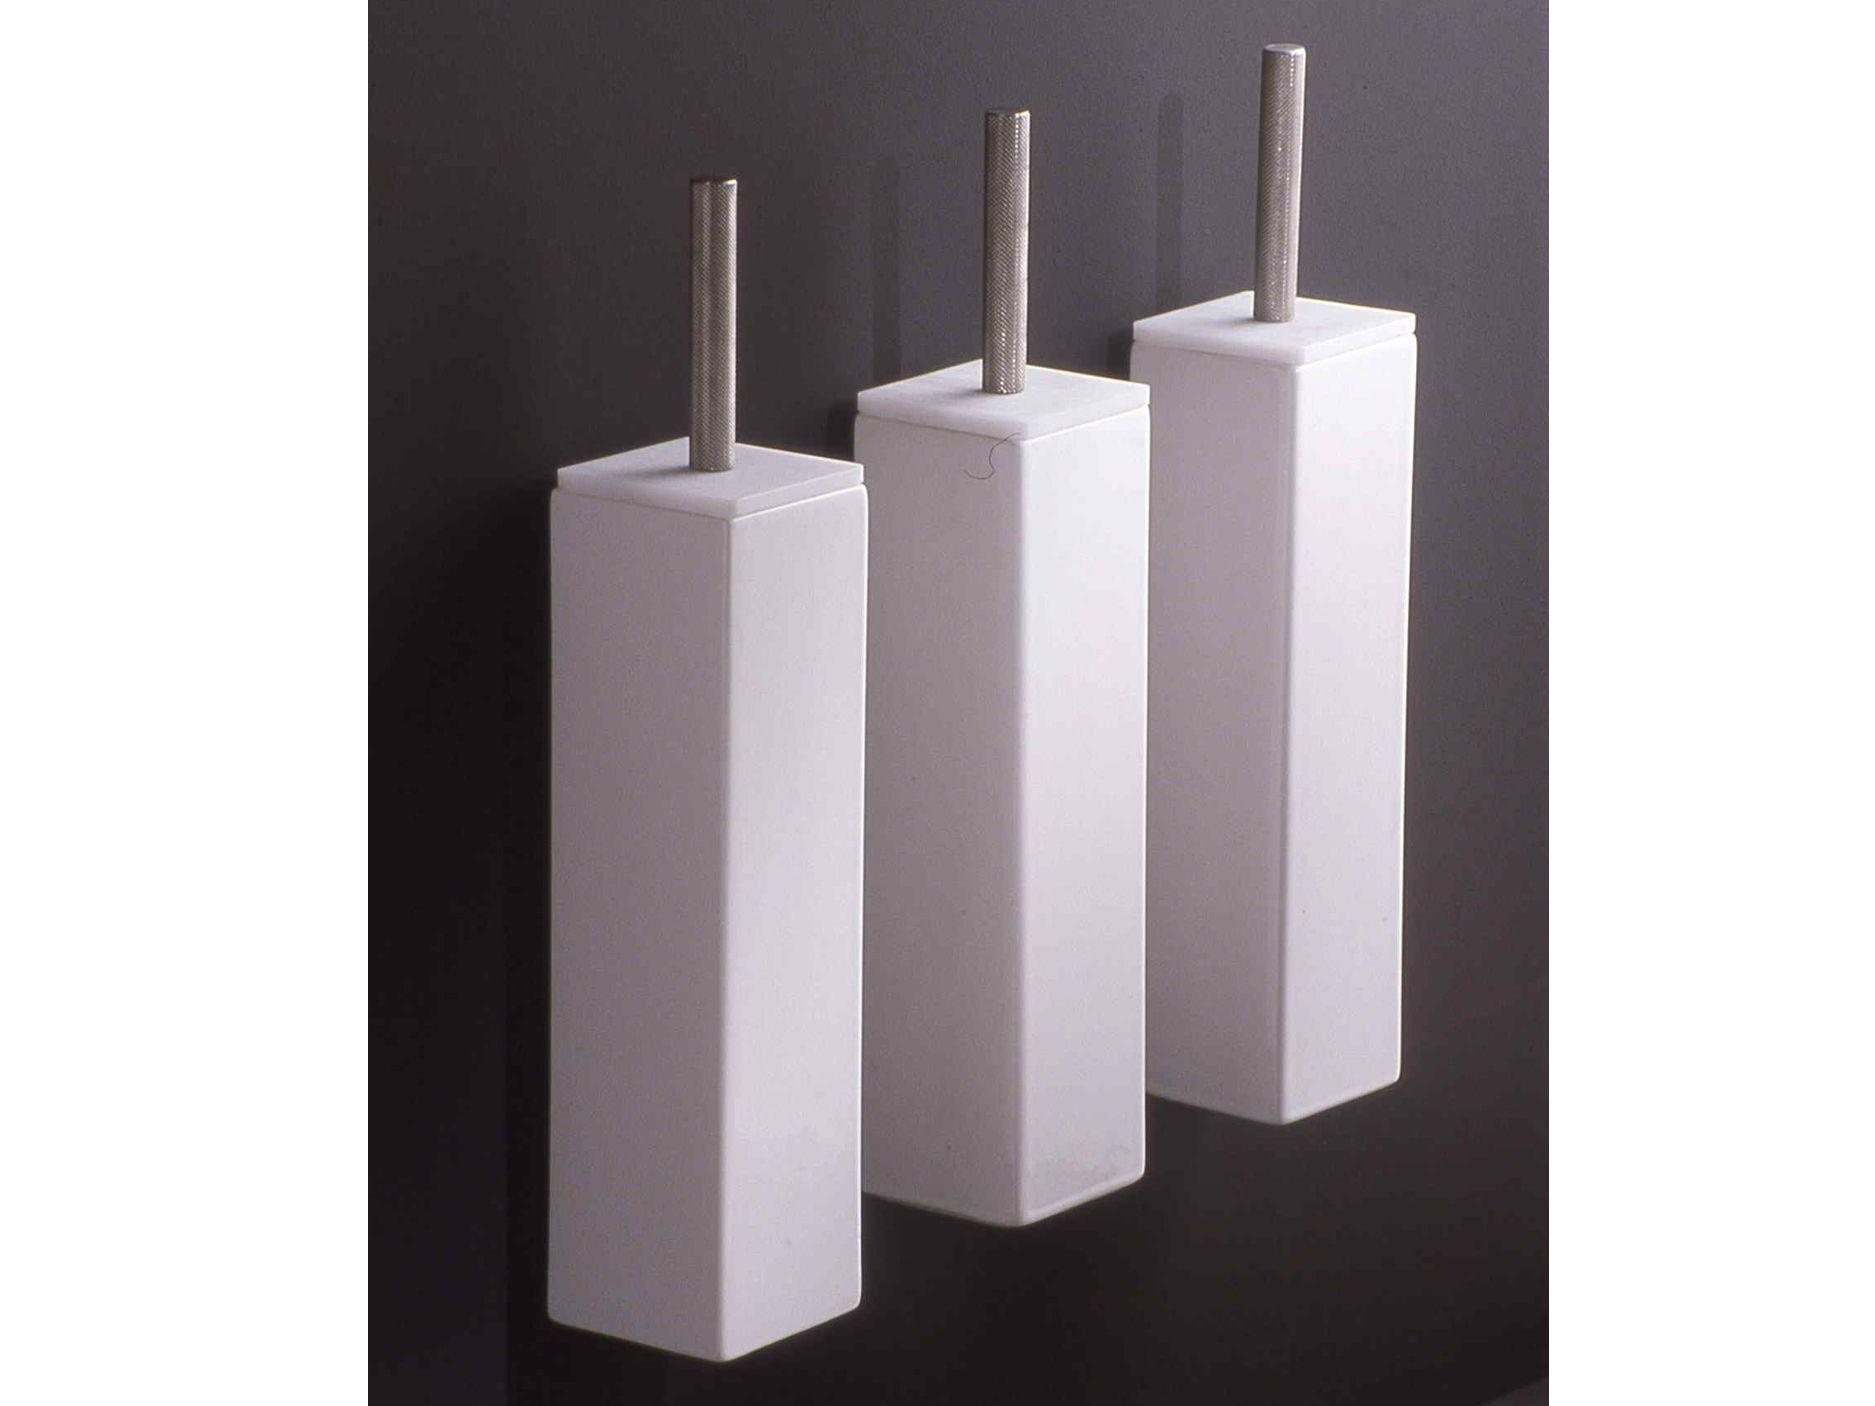 accessori per bagno boffi | archiproducts - Boffi Arredo Bagno